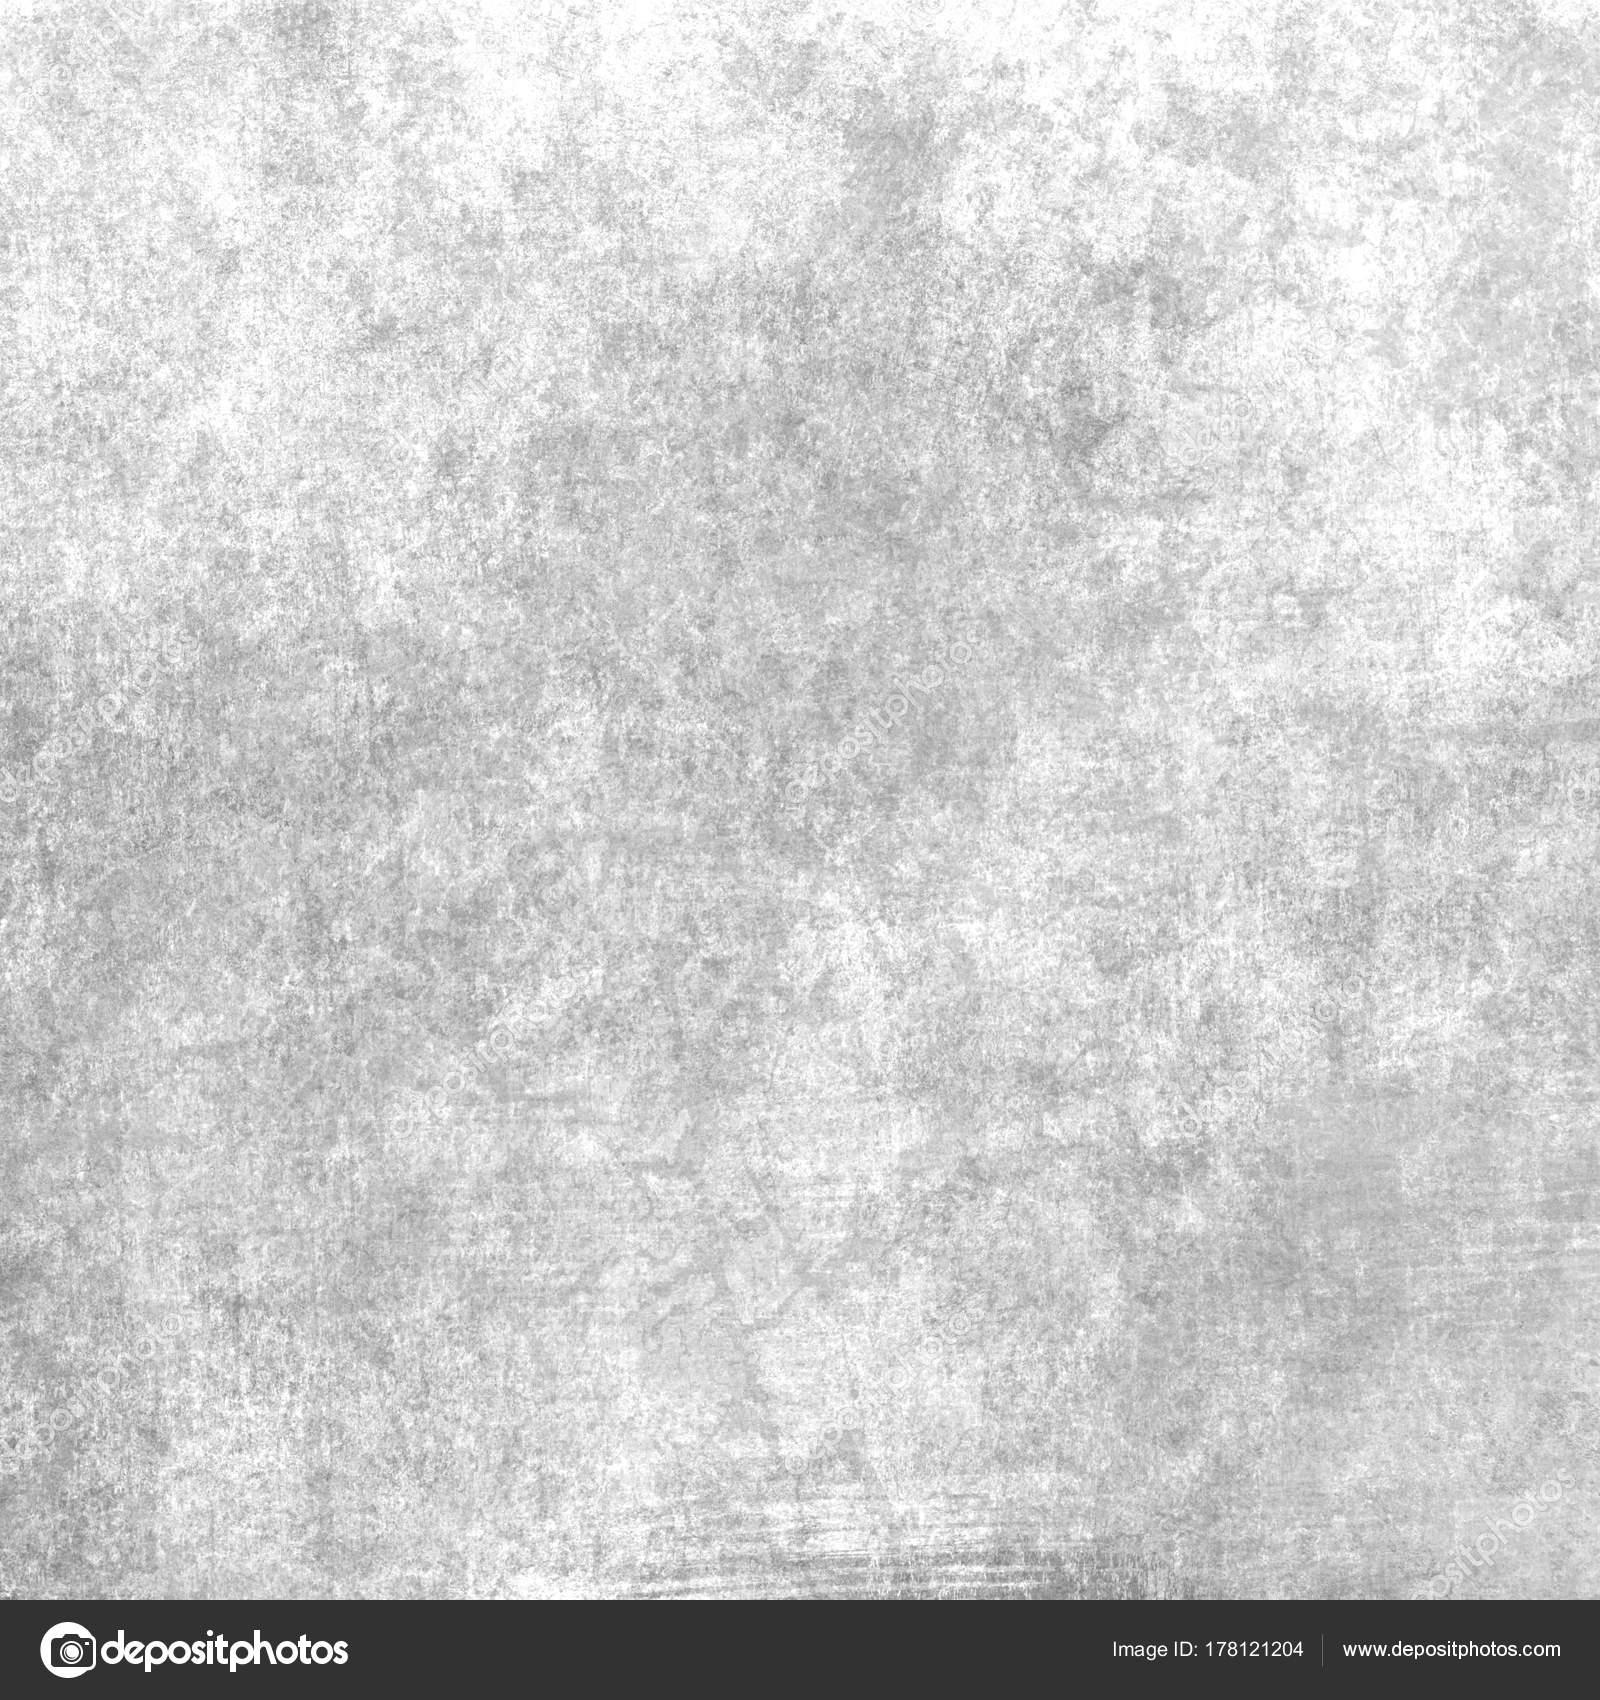 Grey grunge texture photo